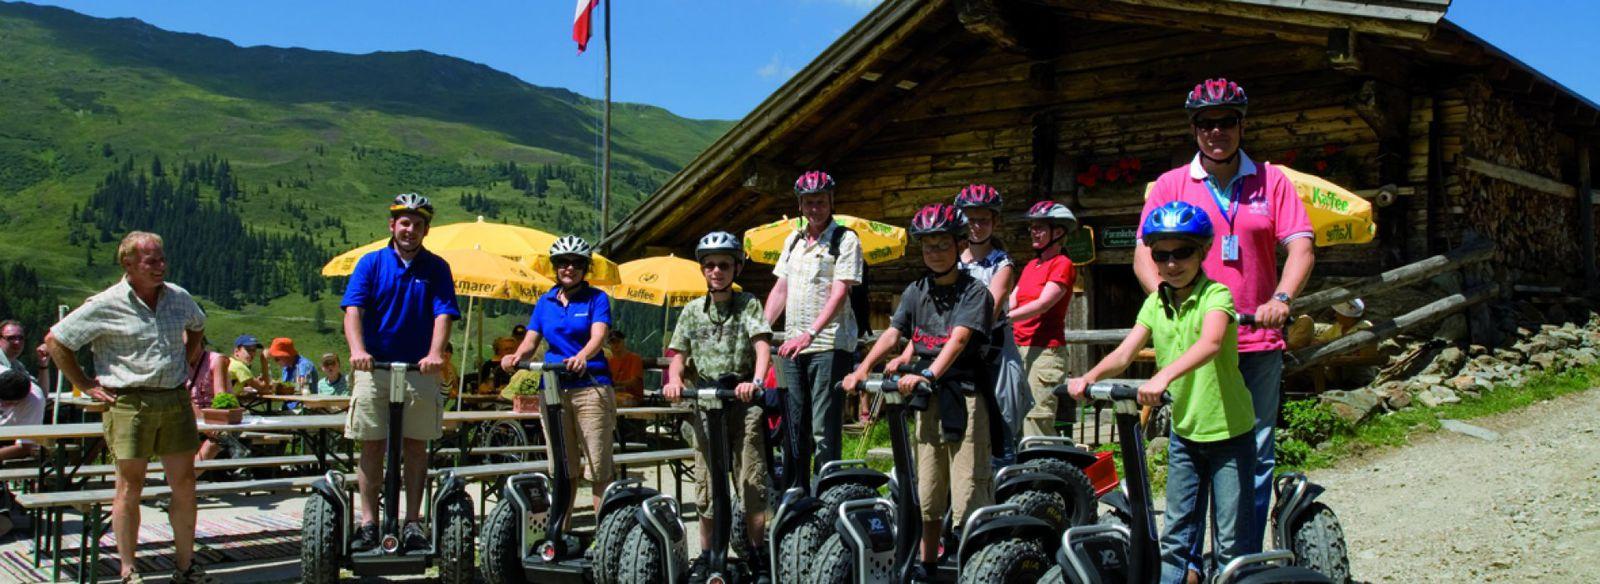 Gruppentouren auf dem Segway durch das Alpbachtal